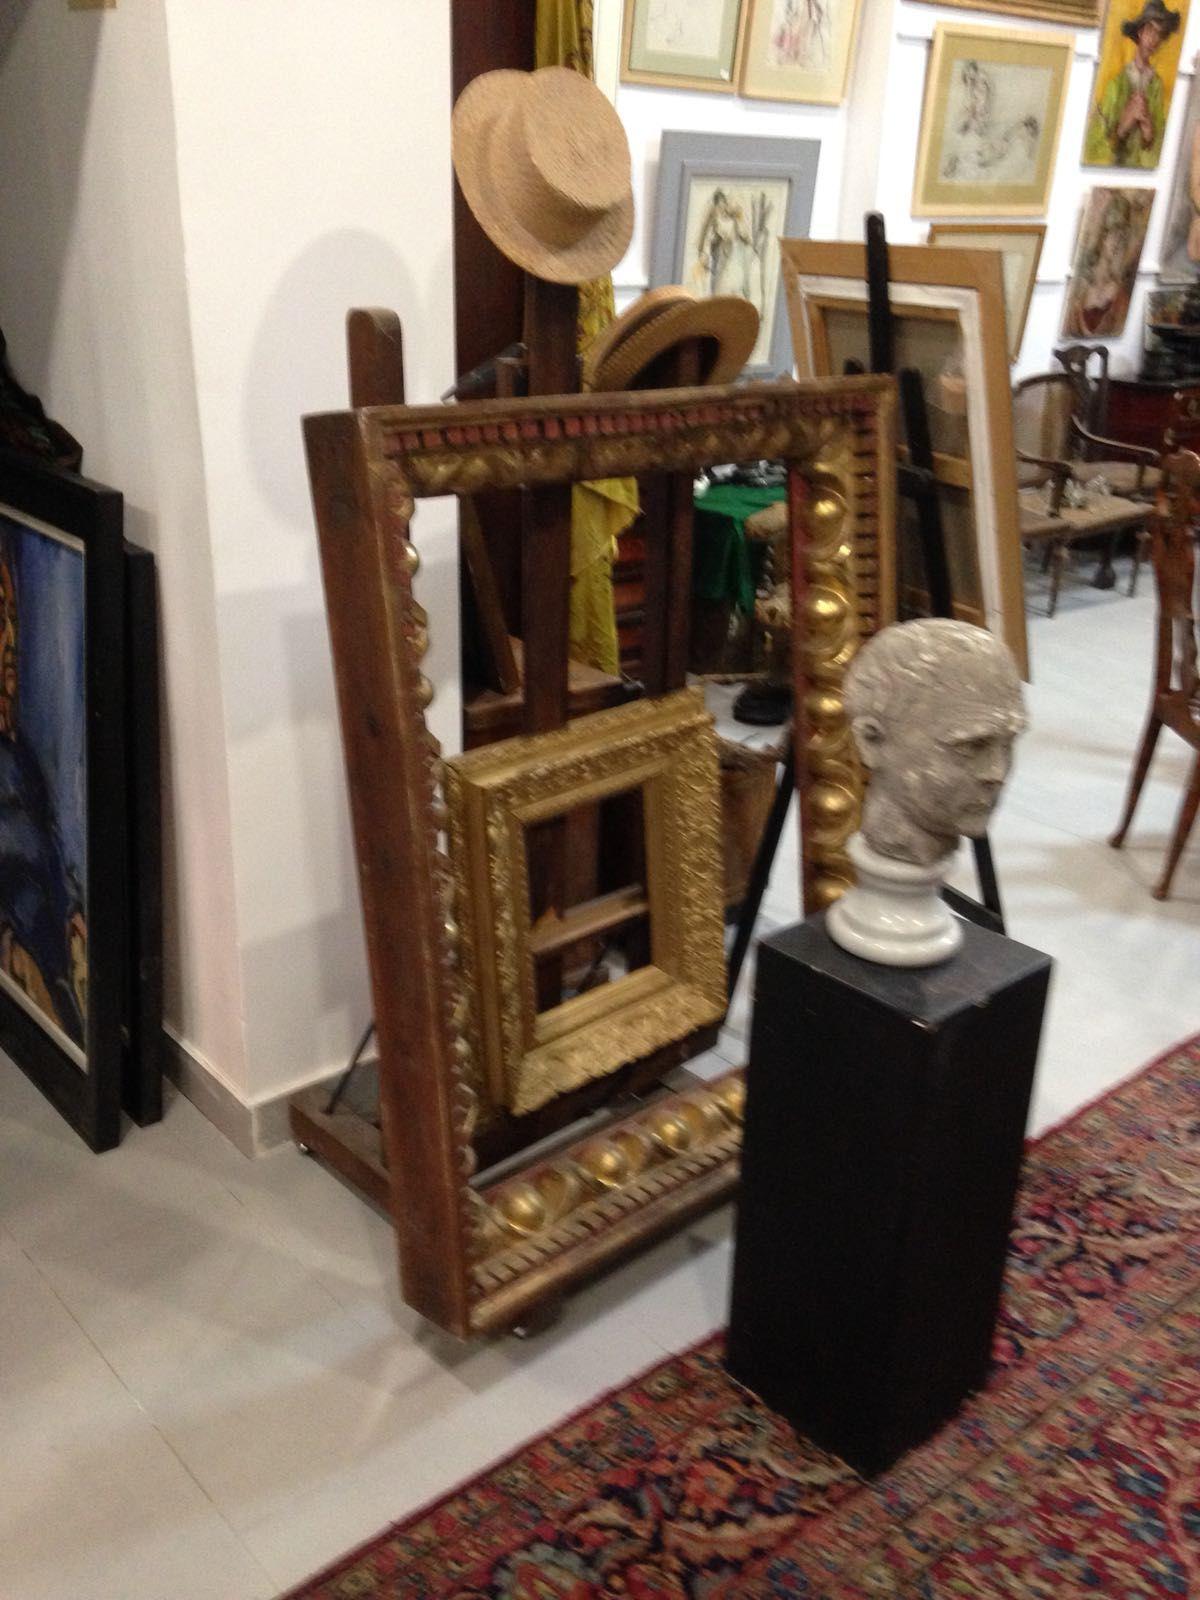 Foto 77 de Galerías de arte y salas de exposiciones en Cartagena | Arte & Antigüedades Federico Robles Perez